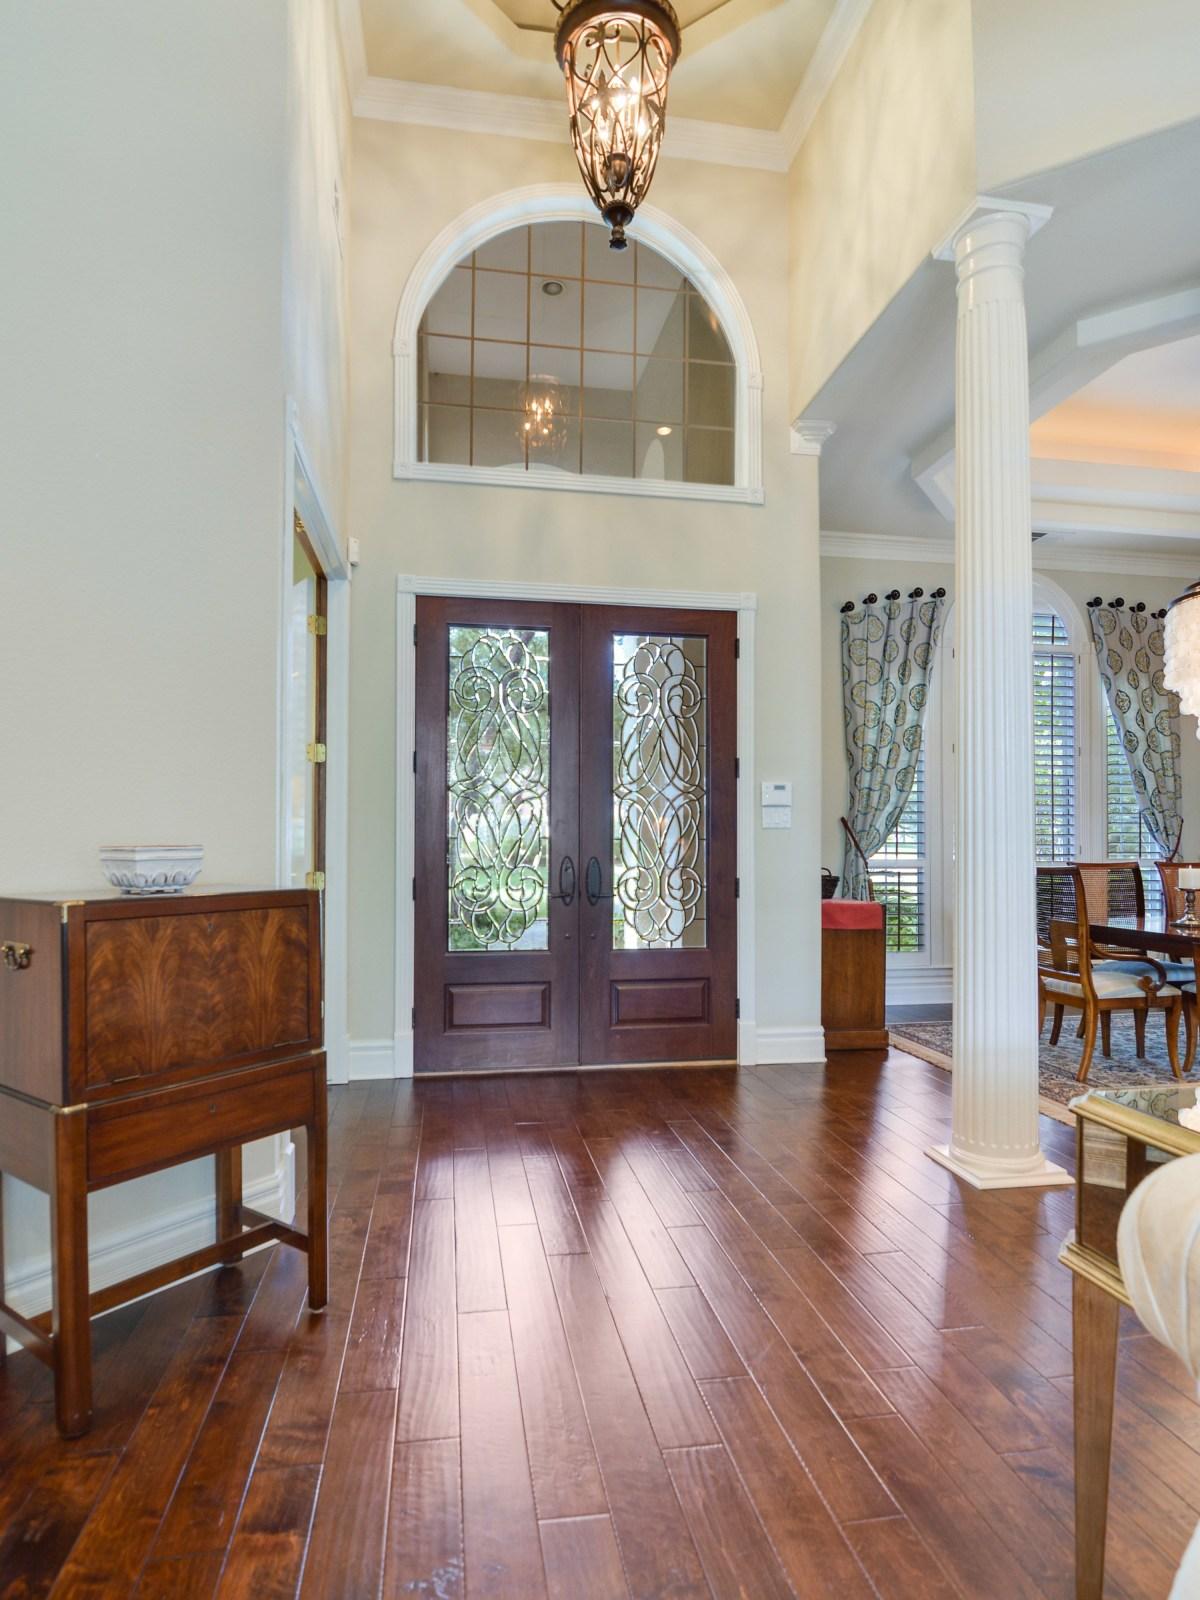 226 Post Oak Way San Antonio house for sale entryway